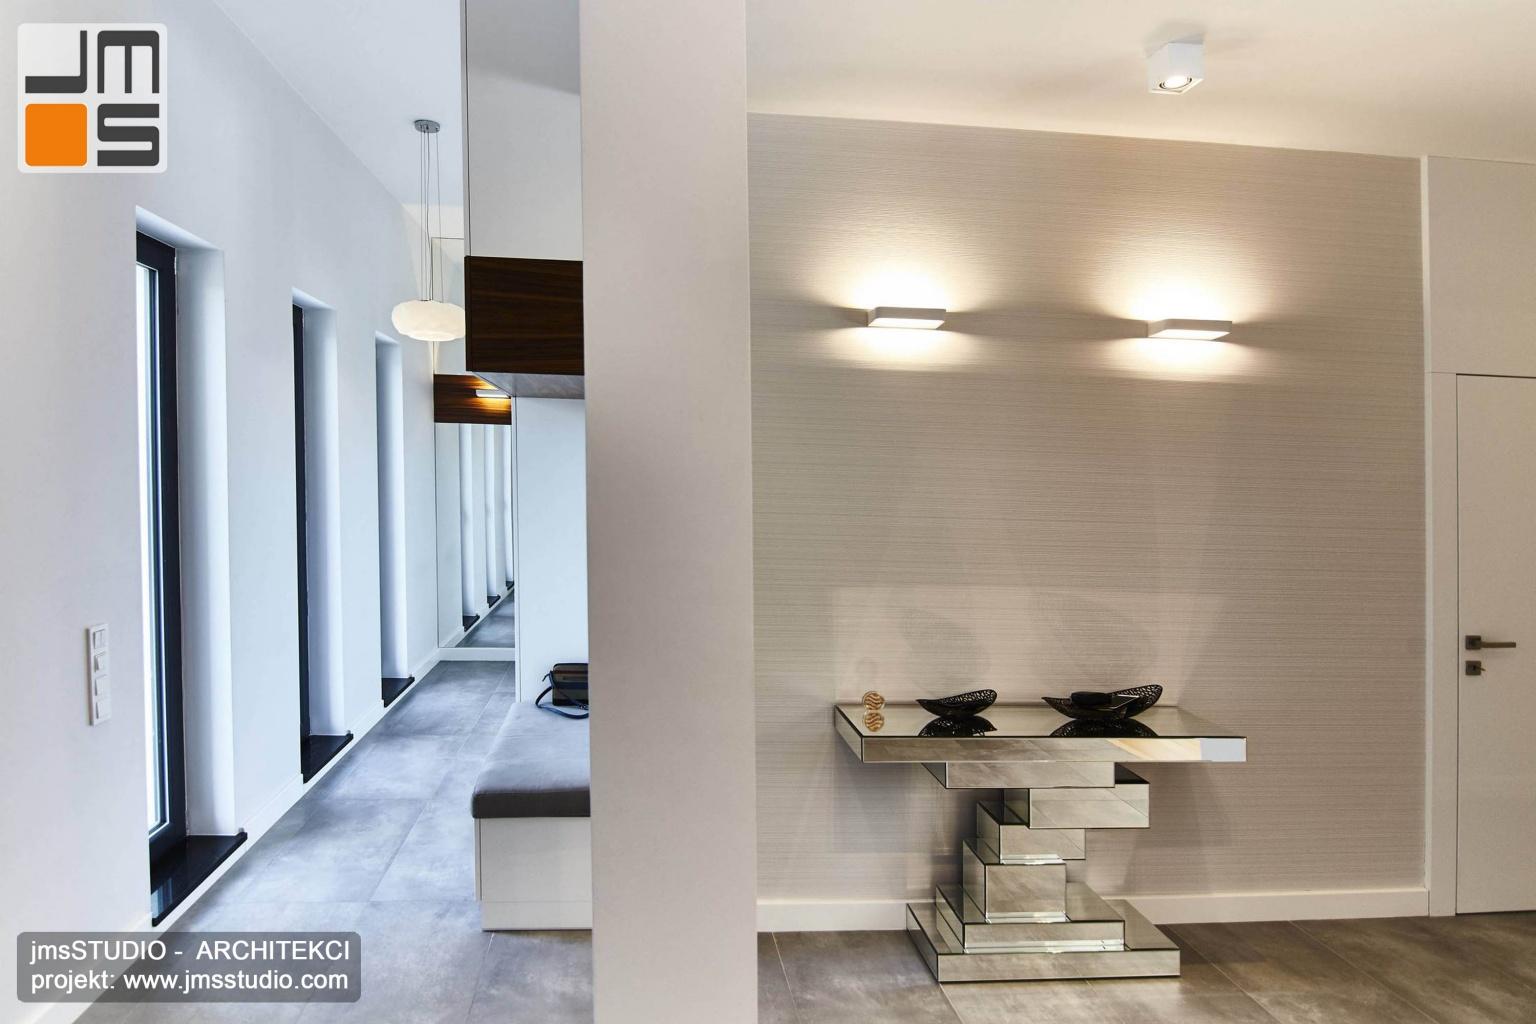 2018 06 w holu wejściowym projekt wnętrz pozwolił stworzyć obok otwartej garderoby z lustrem dekoracyjną ścianę z designerskim szklanym meblem na drobiazgi jak klucze